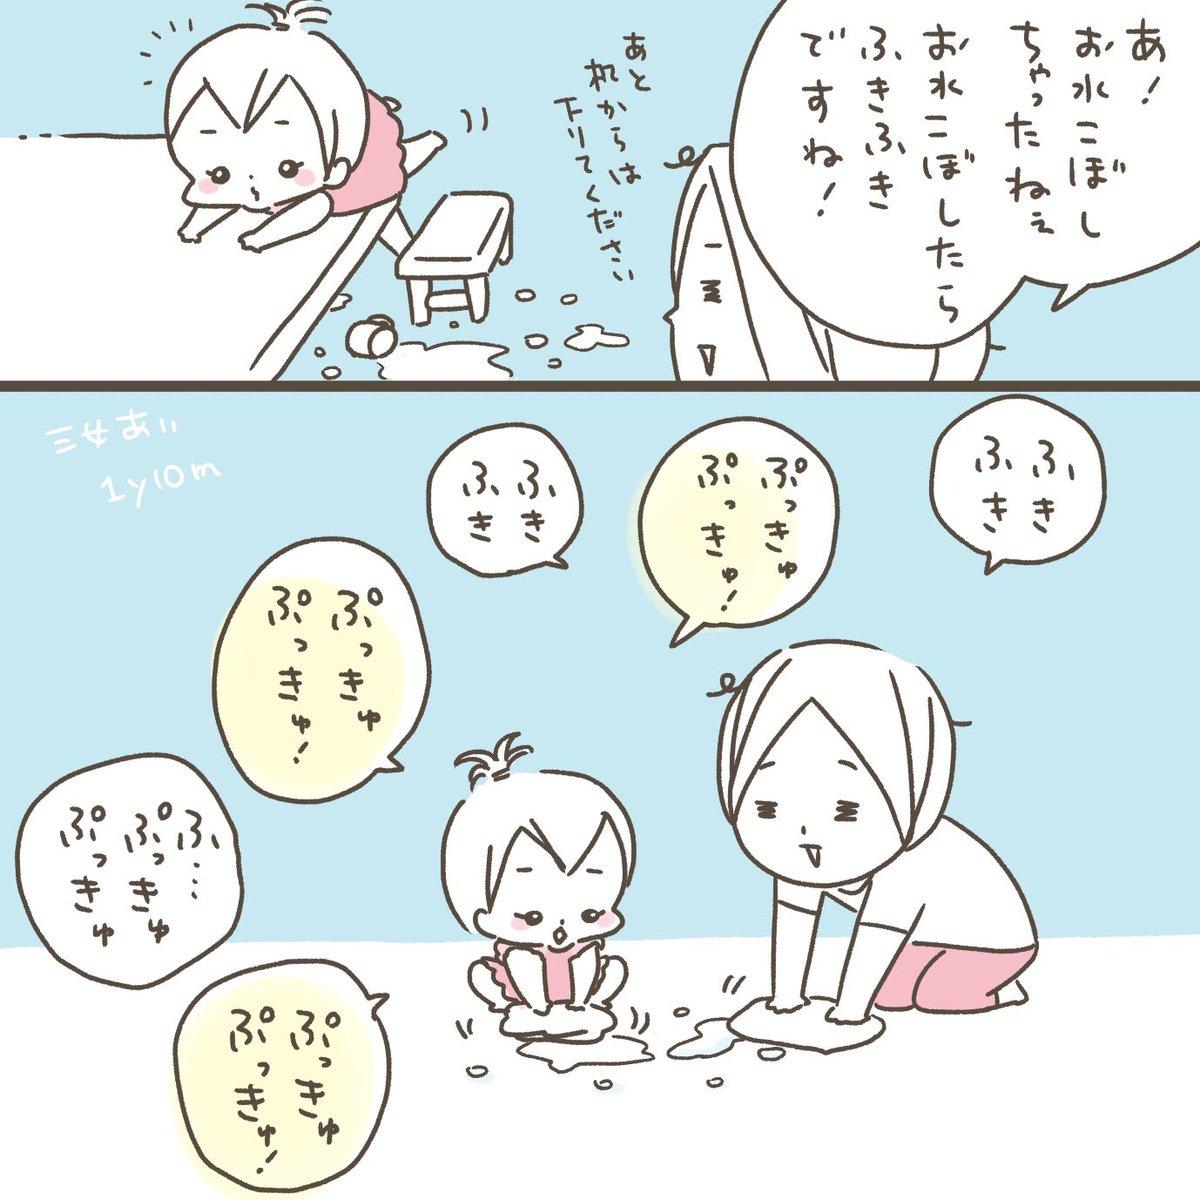 ぷっきゅぷっきゅ。 #2018aug_baby #育児漫画 #1歳